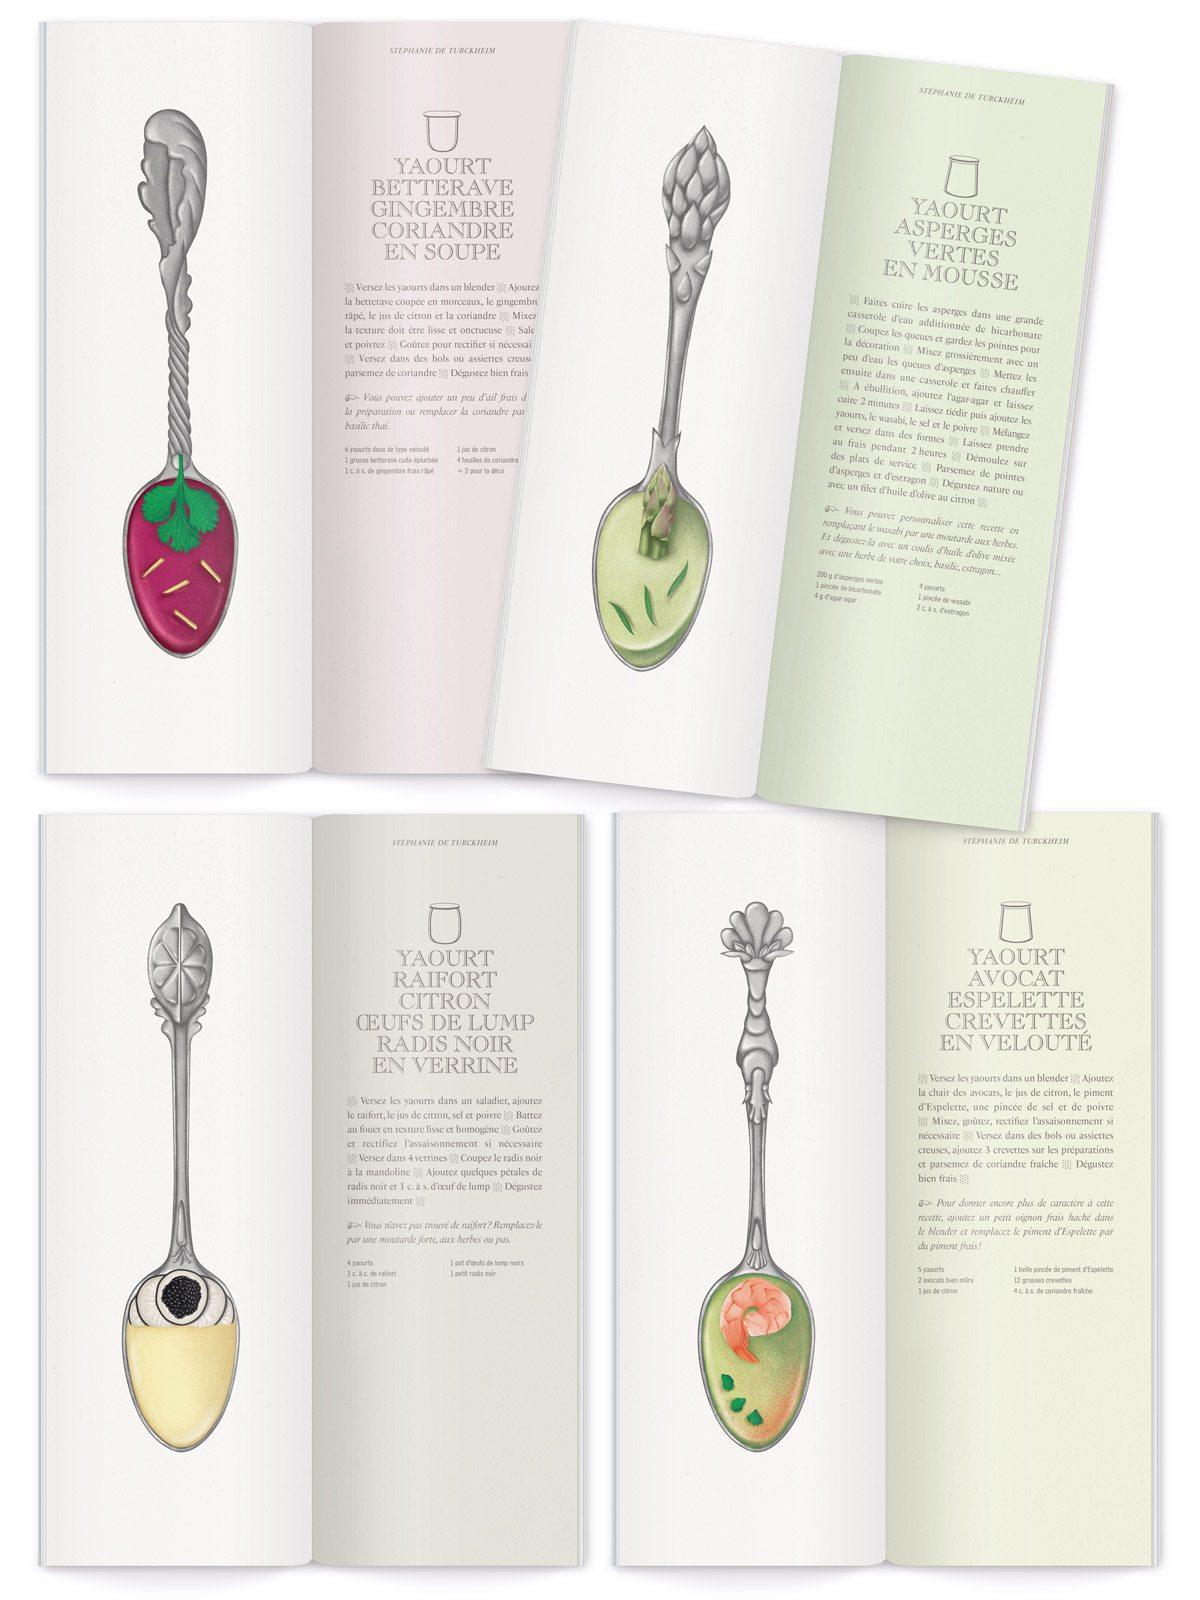 livret de recettes de yaourt illustré par ichetkar illustrations réalistes de cuillères en argent ornées de feuille crevette asperge et citron